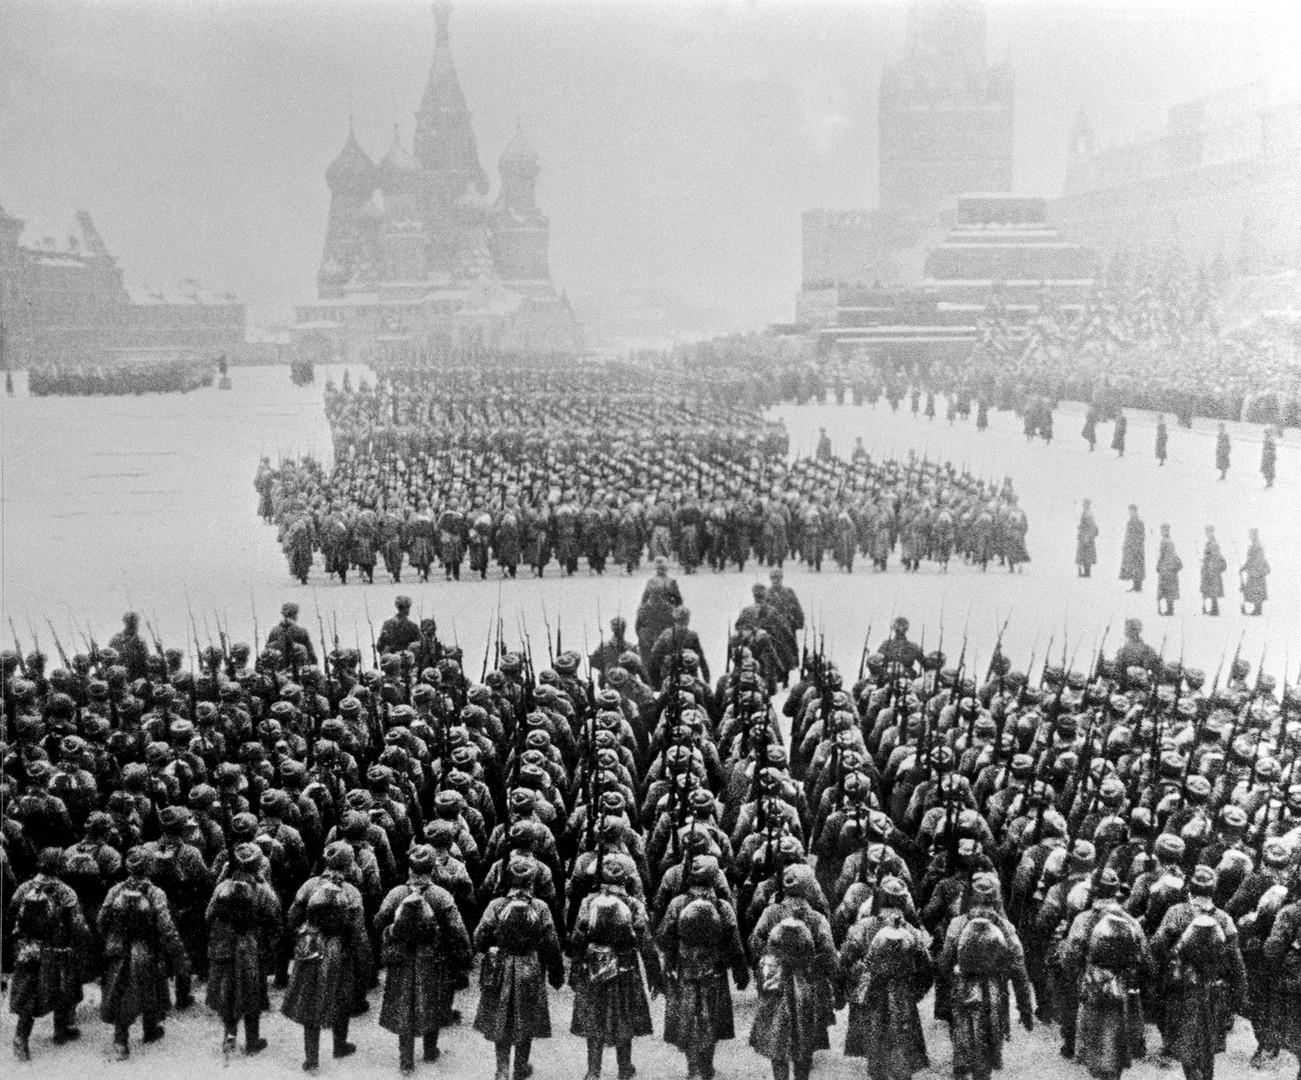 El desfile militar en la Plaza Roja, el 7 de noviembre de 1941